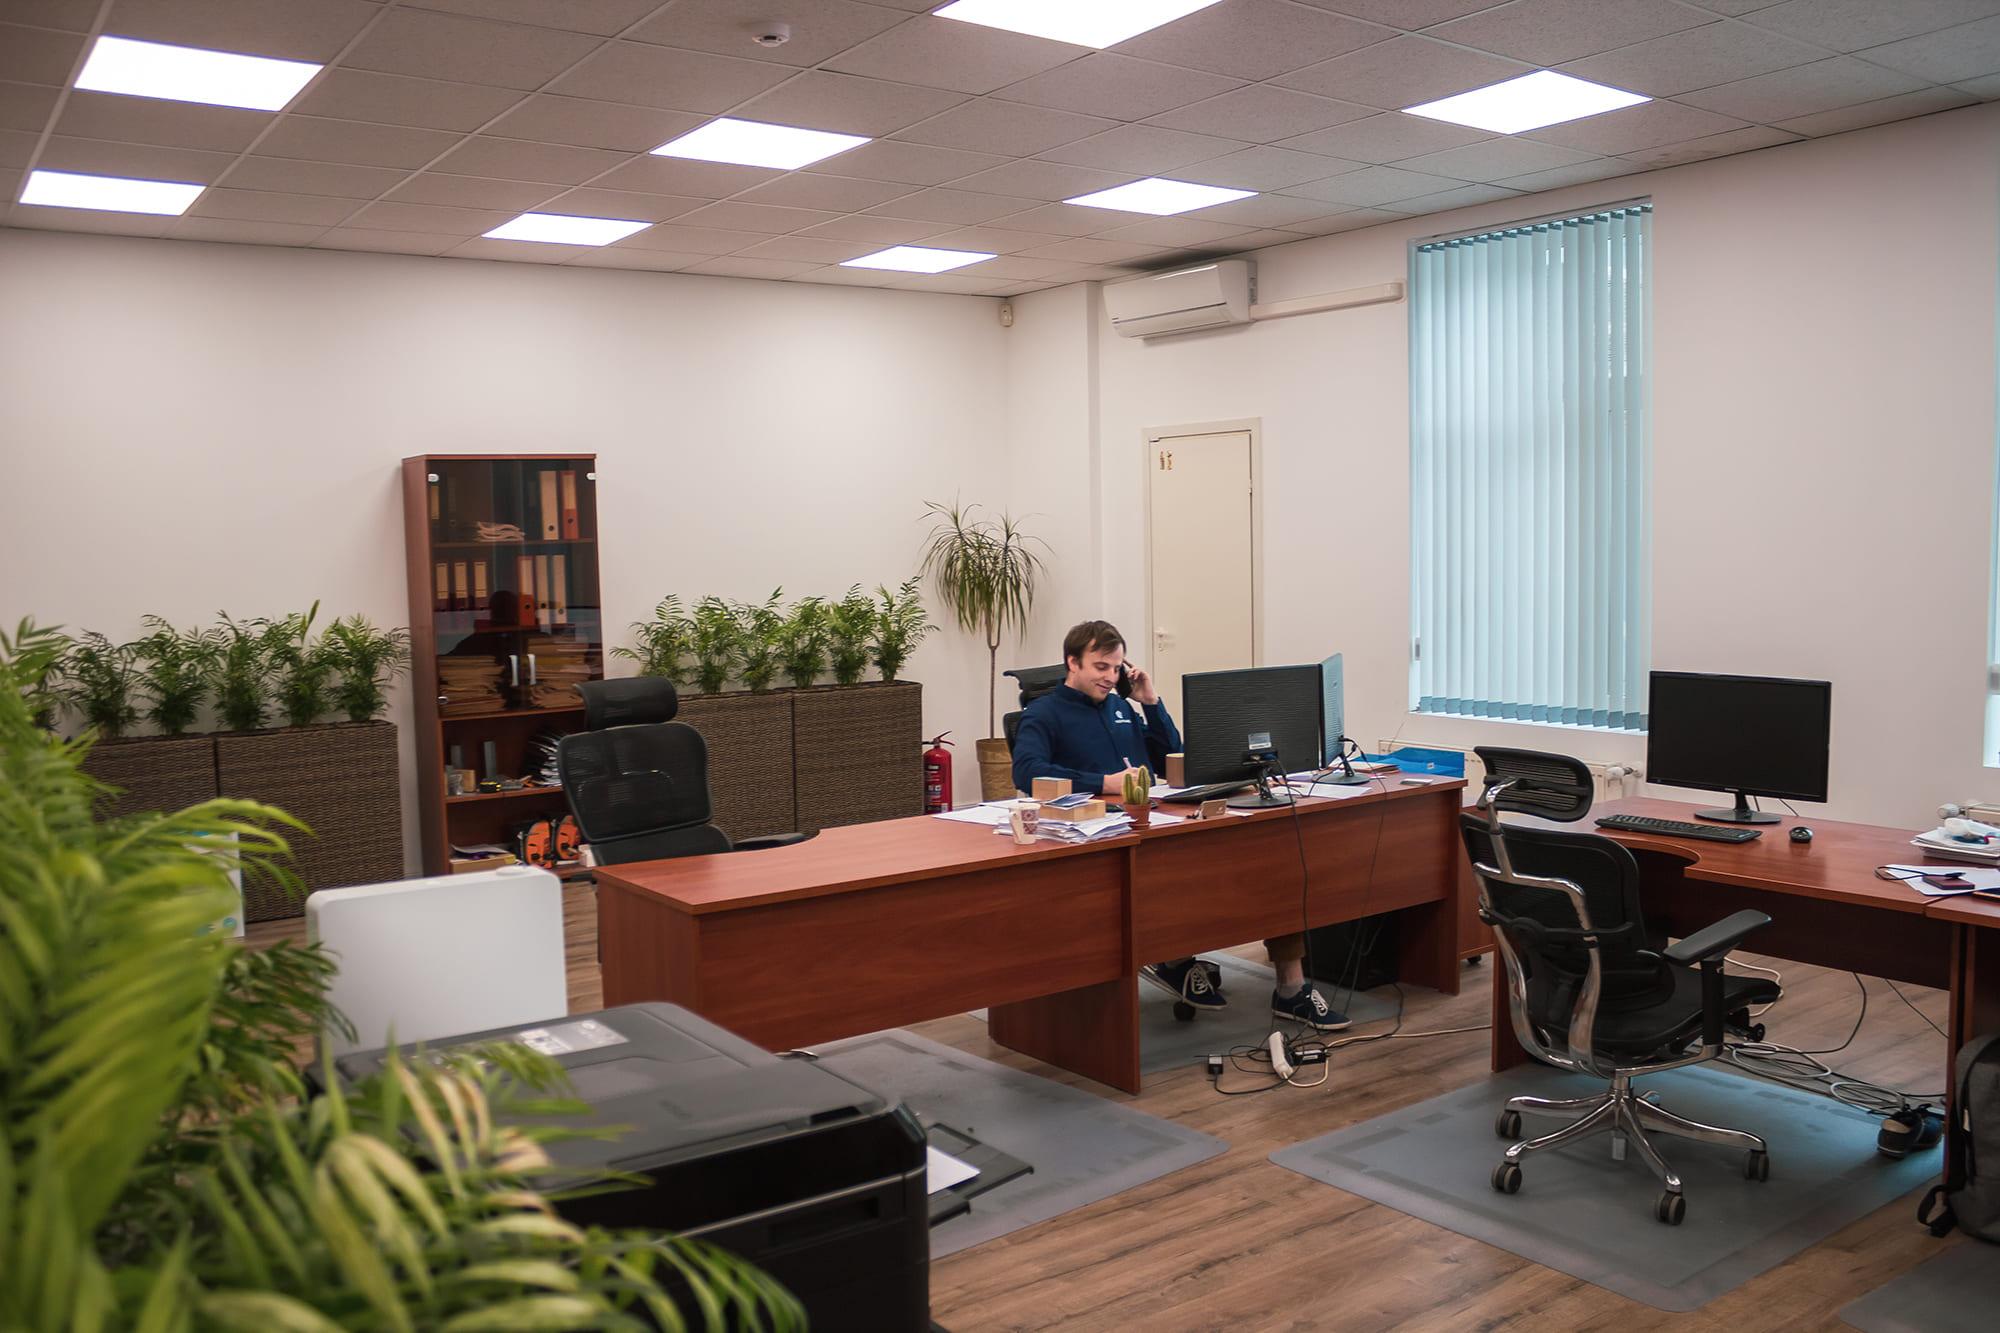 koka kopņu ofiss